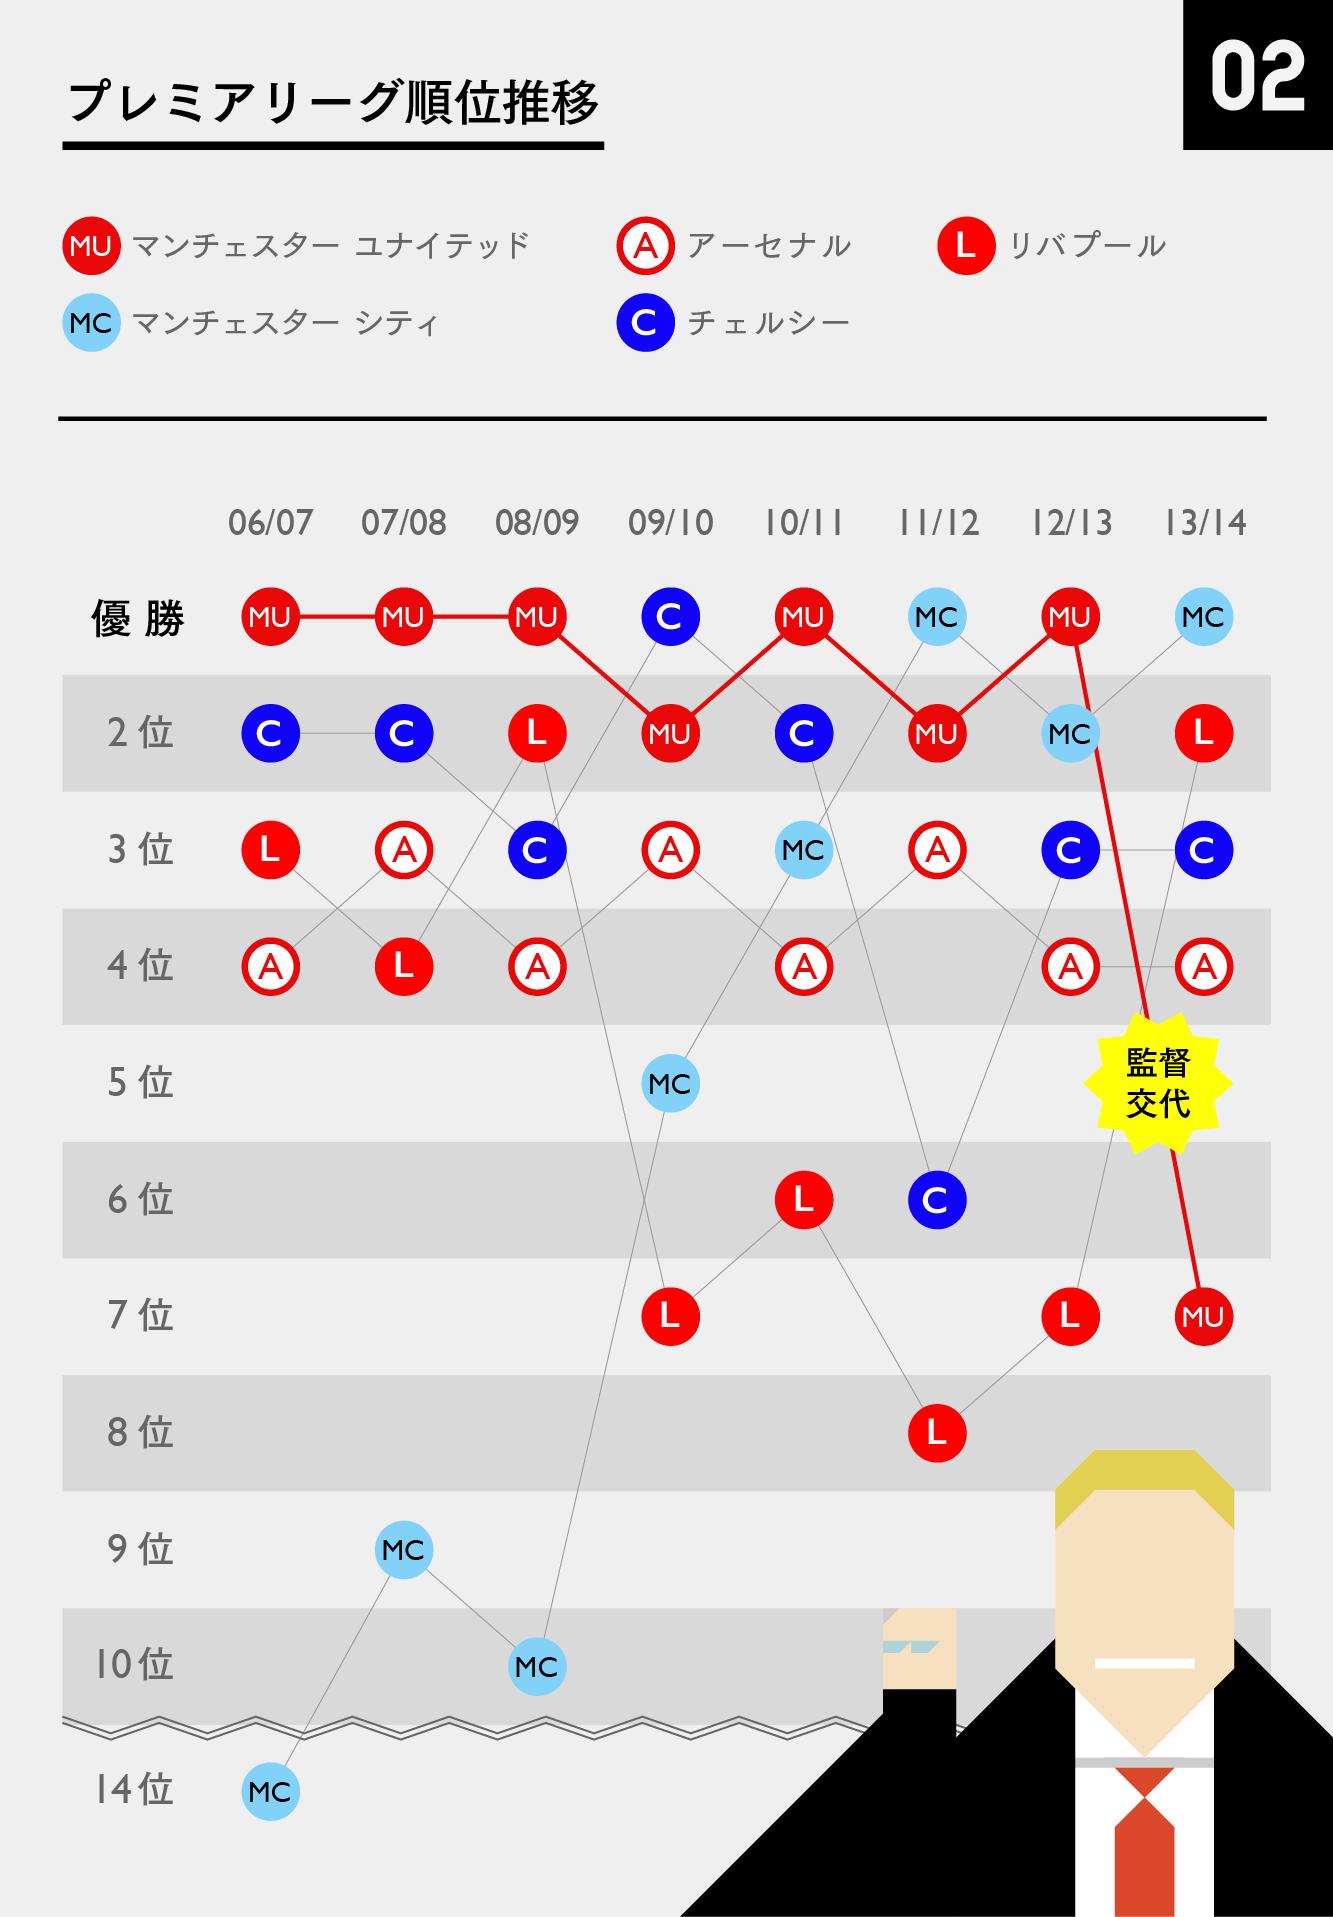 【マスター】ビッククラブ_マンU_20150131-02